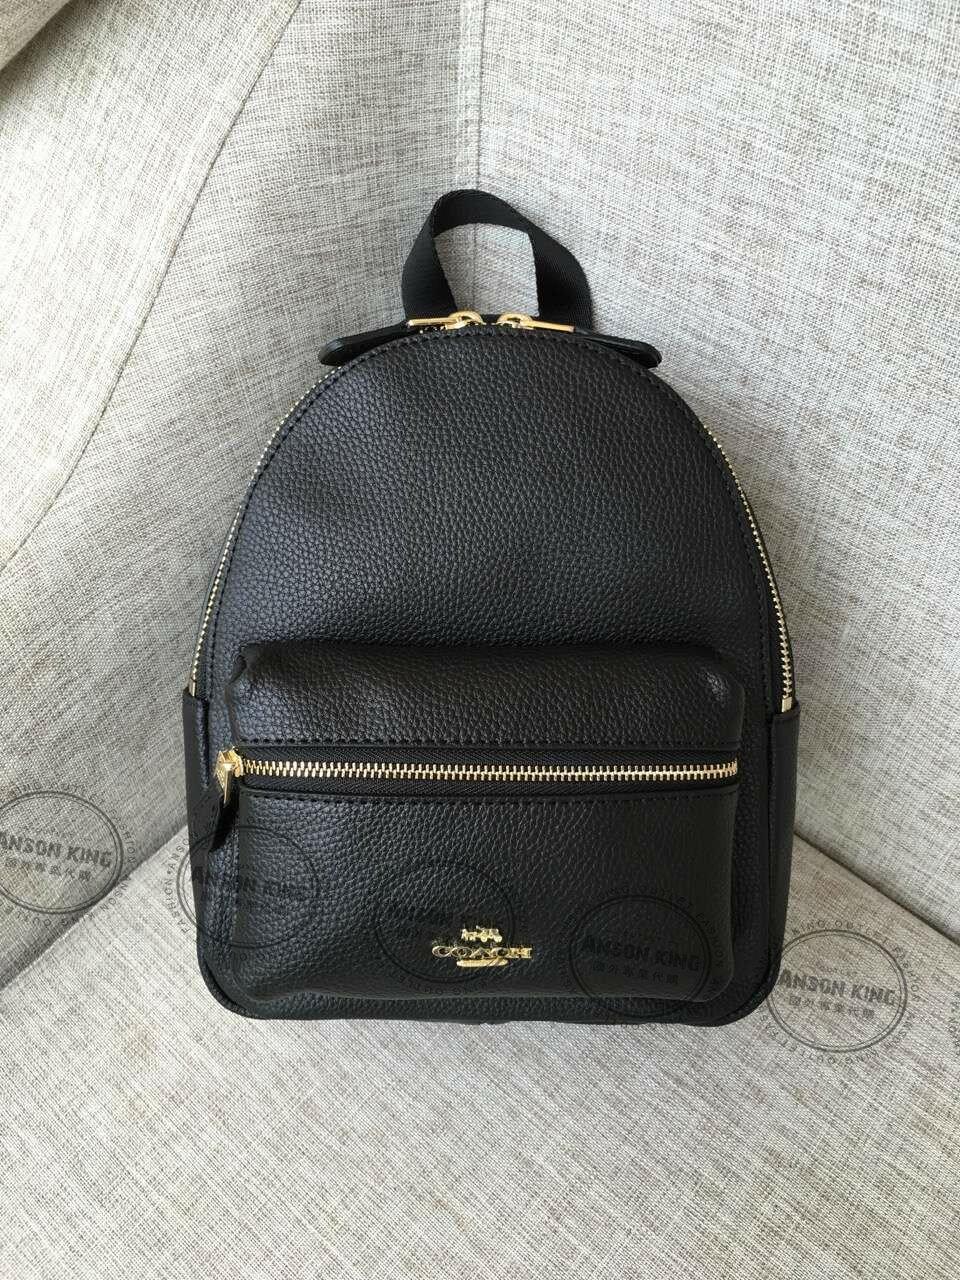 美國Outlet代購 Coach 全新正品 F38263 Backpack純色迷你後背包 黑色 雙肩包 書包 多色可選